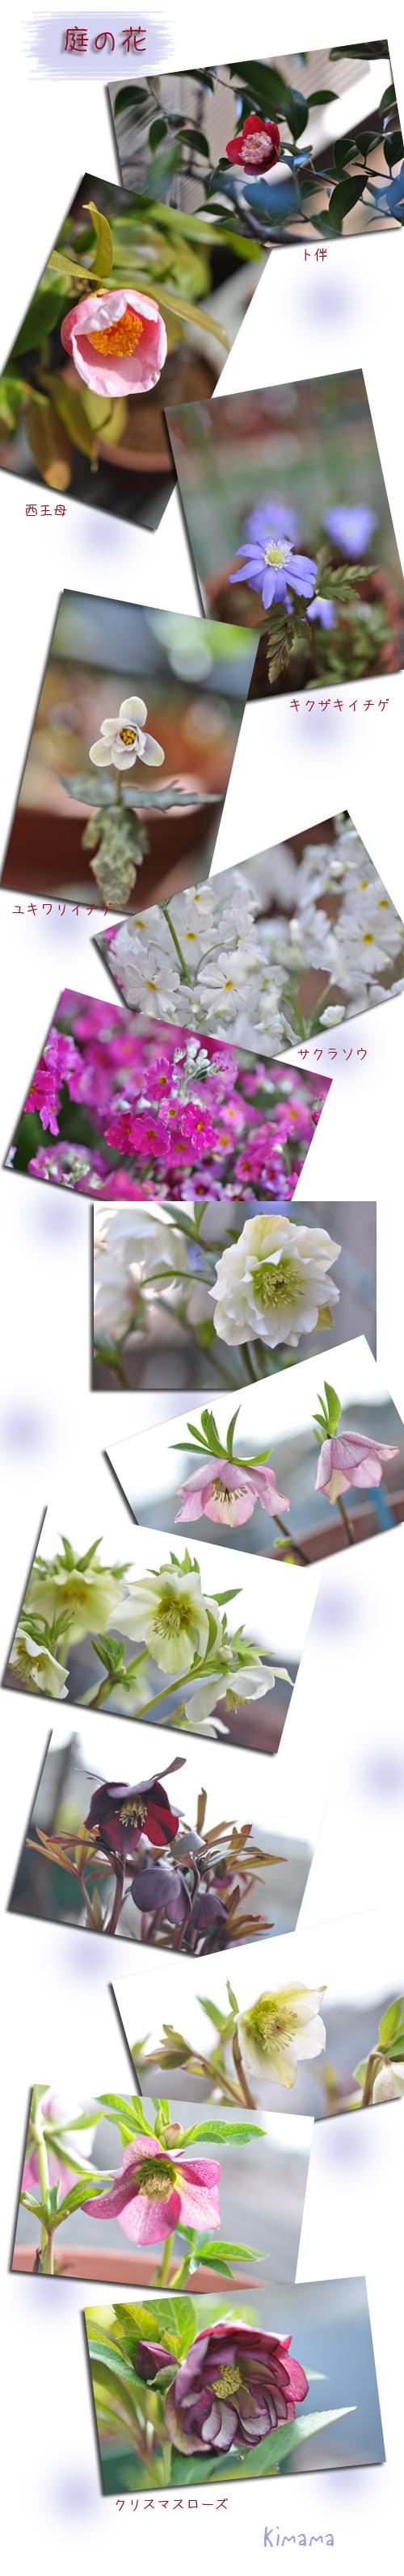 3月16日庭の花